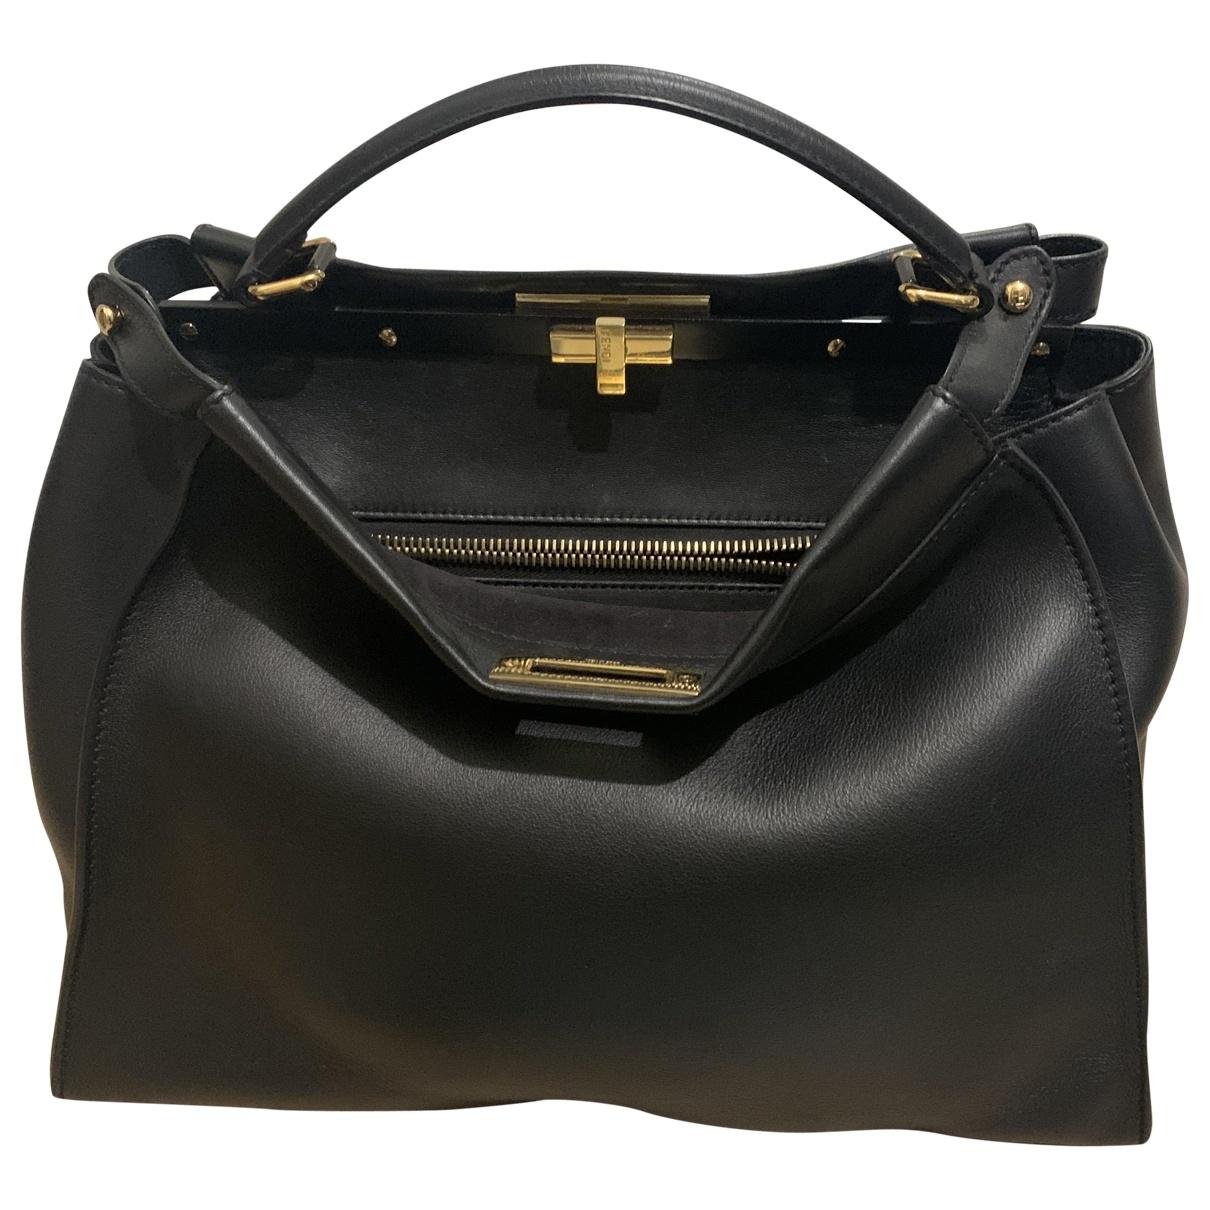 Fendi Peekaboo Handtasche in  Schwarz Leder